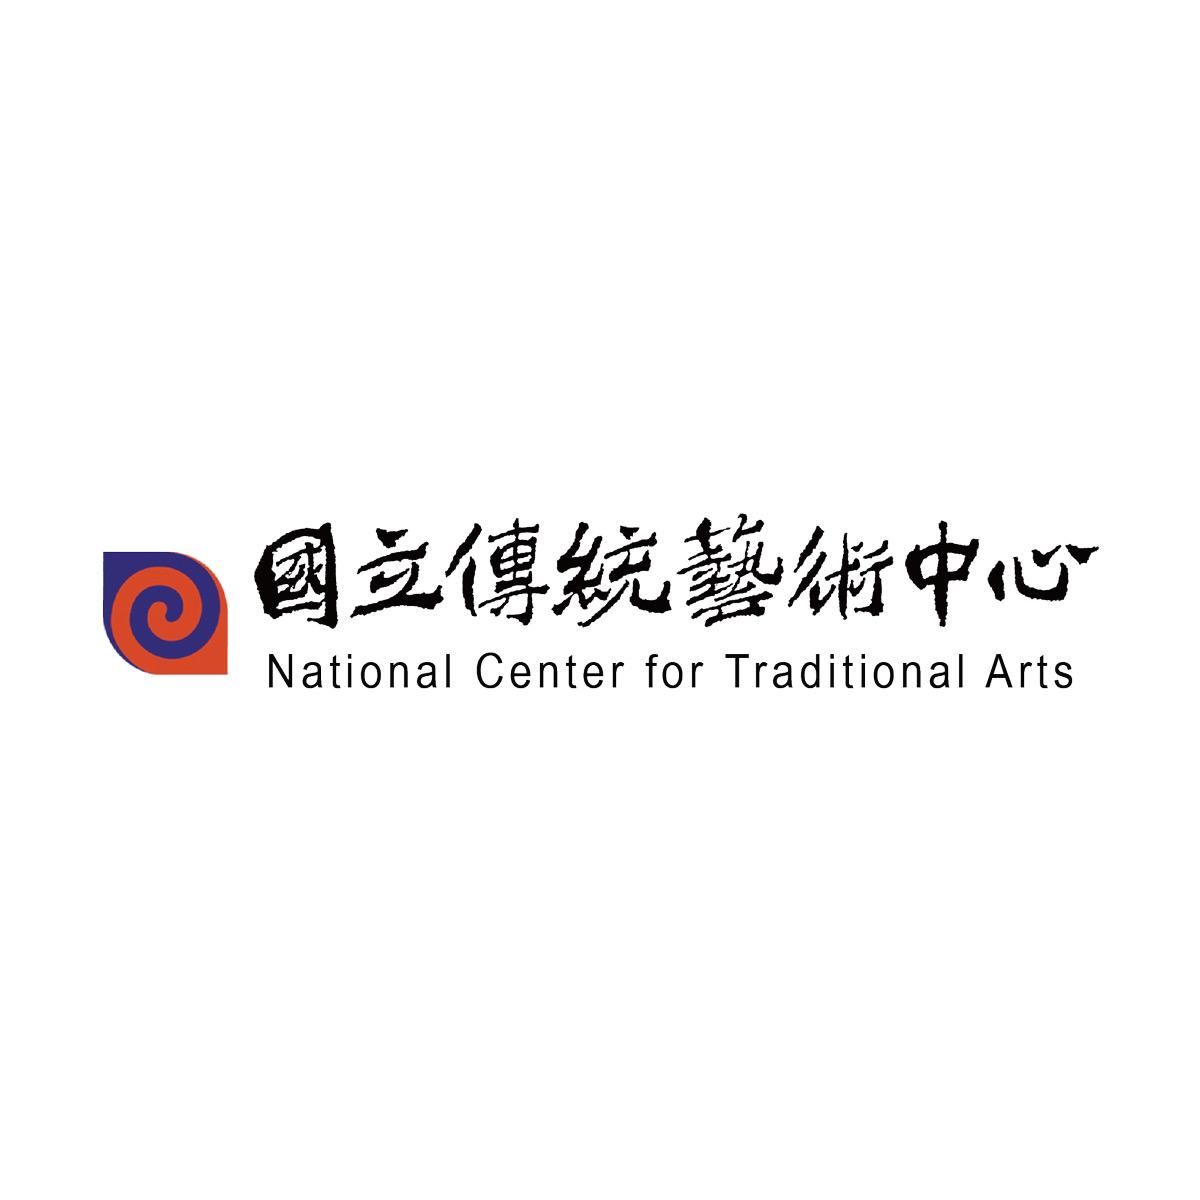 【國立傳統藝術中心110年戲曲夢工場節目徵集計畫|即日起至3/31止】